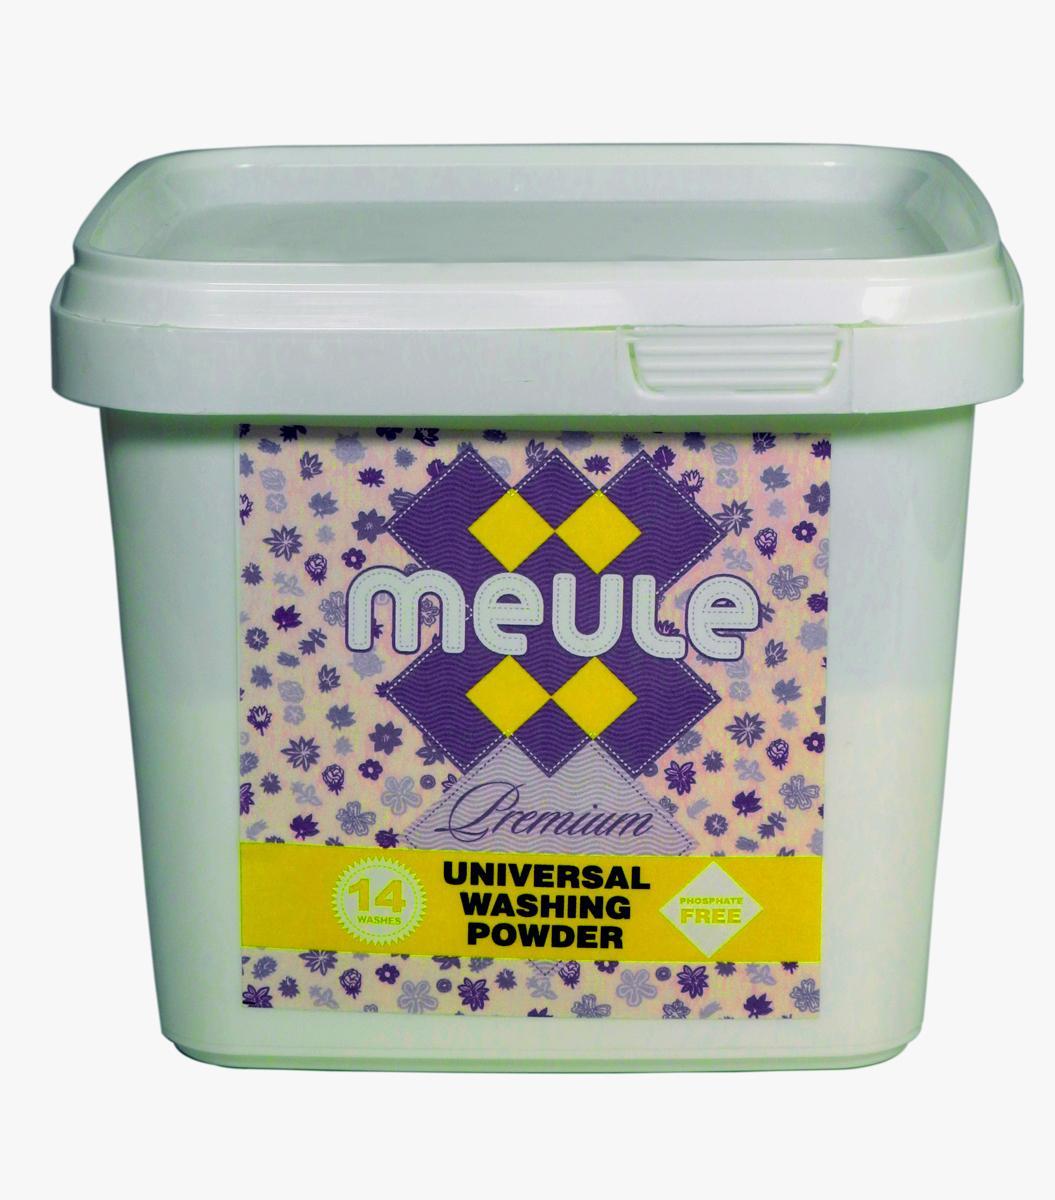 Порошок стиральный Meule, концентрат, 0,5 кг бытовая химия xaax порошок концентрат для стирки универсальный бесфосфатный 1 5 кг